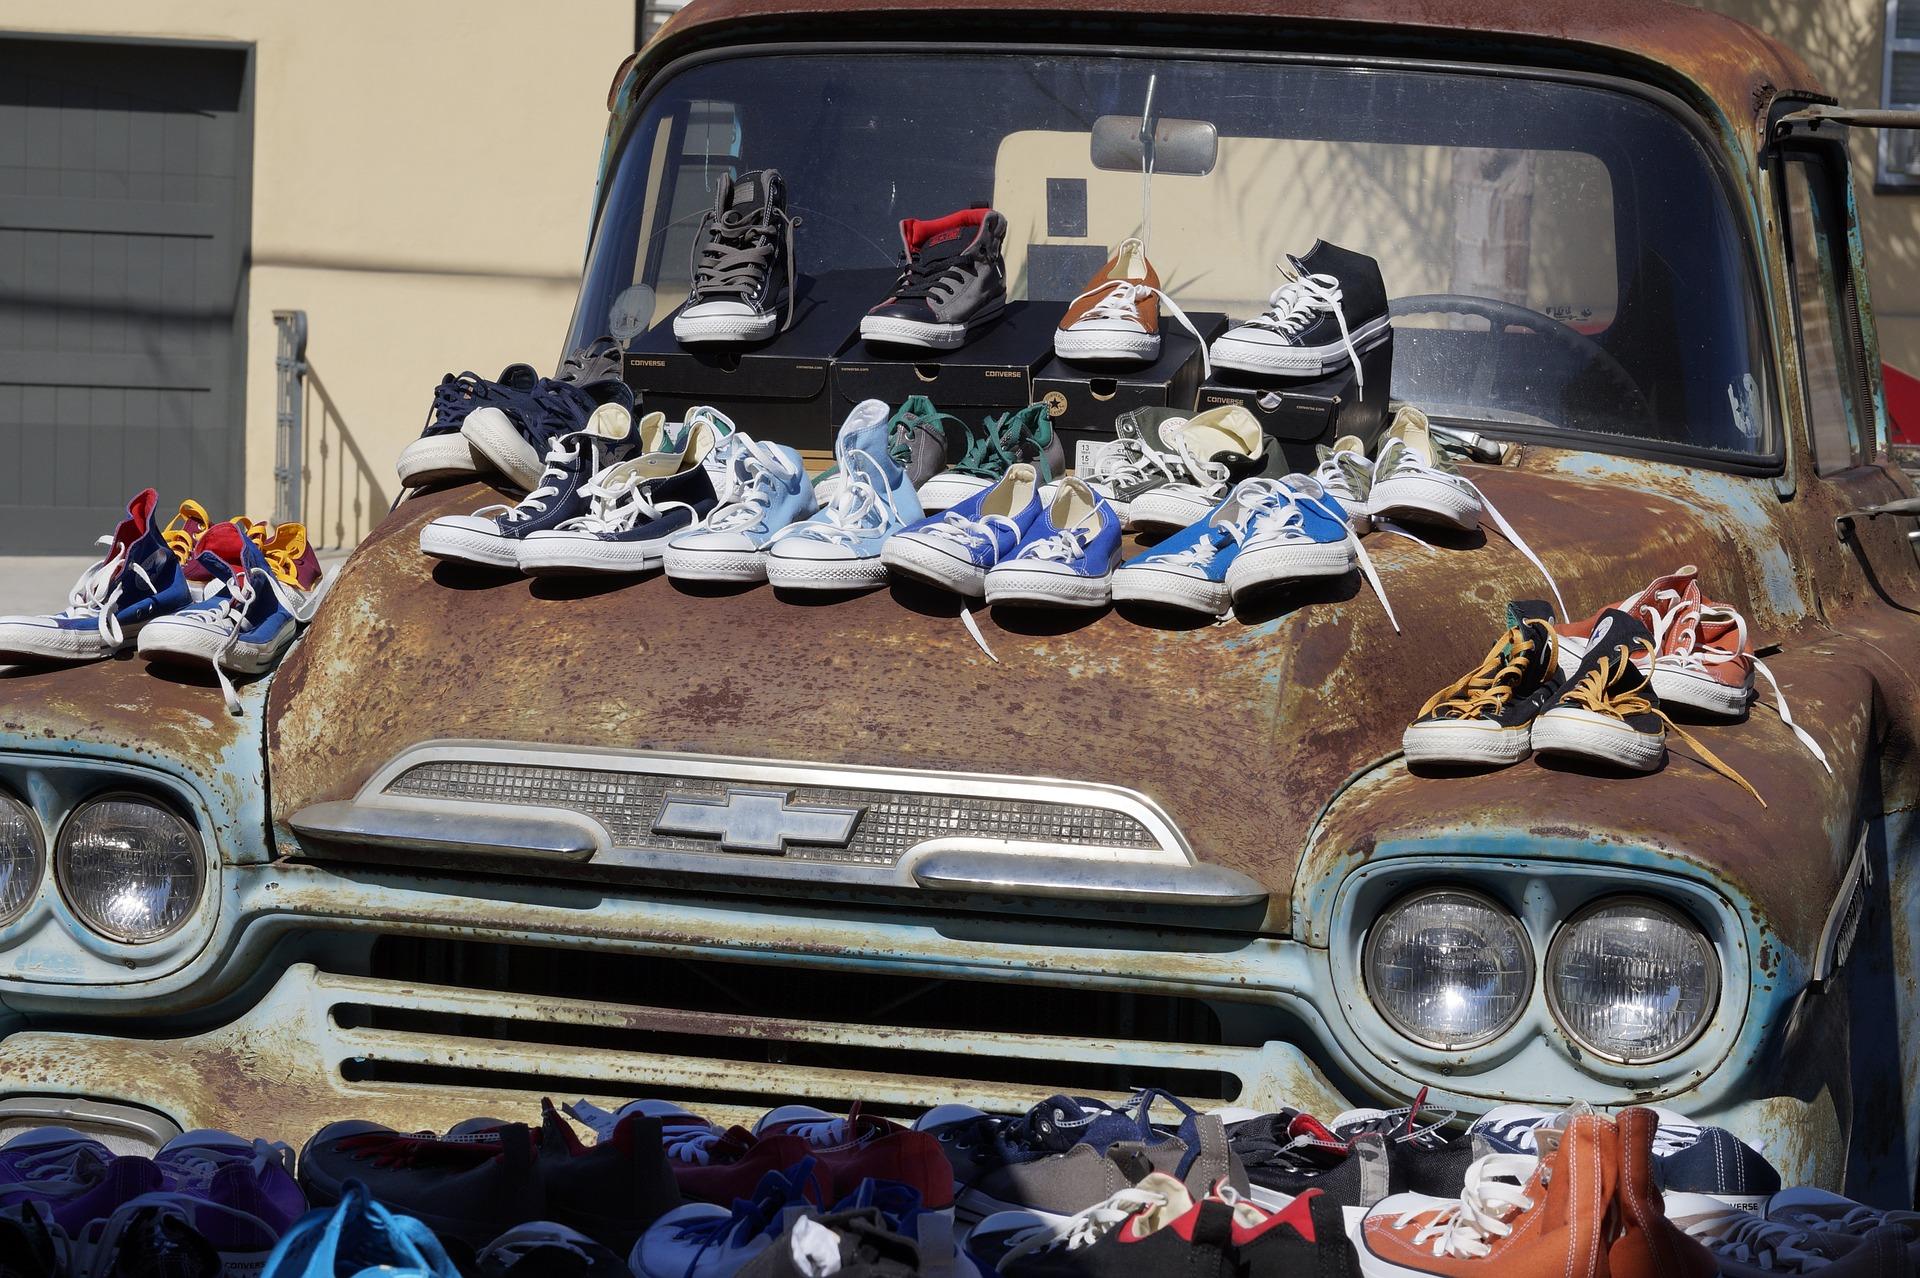 shoe-sale-973517_1920.jpg